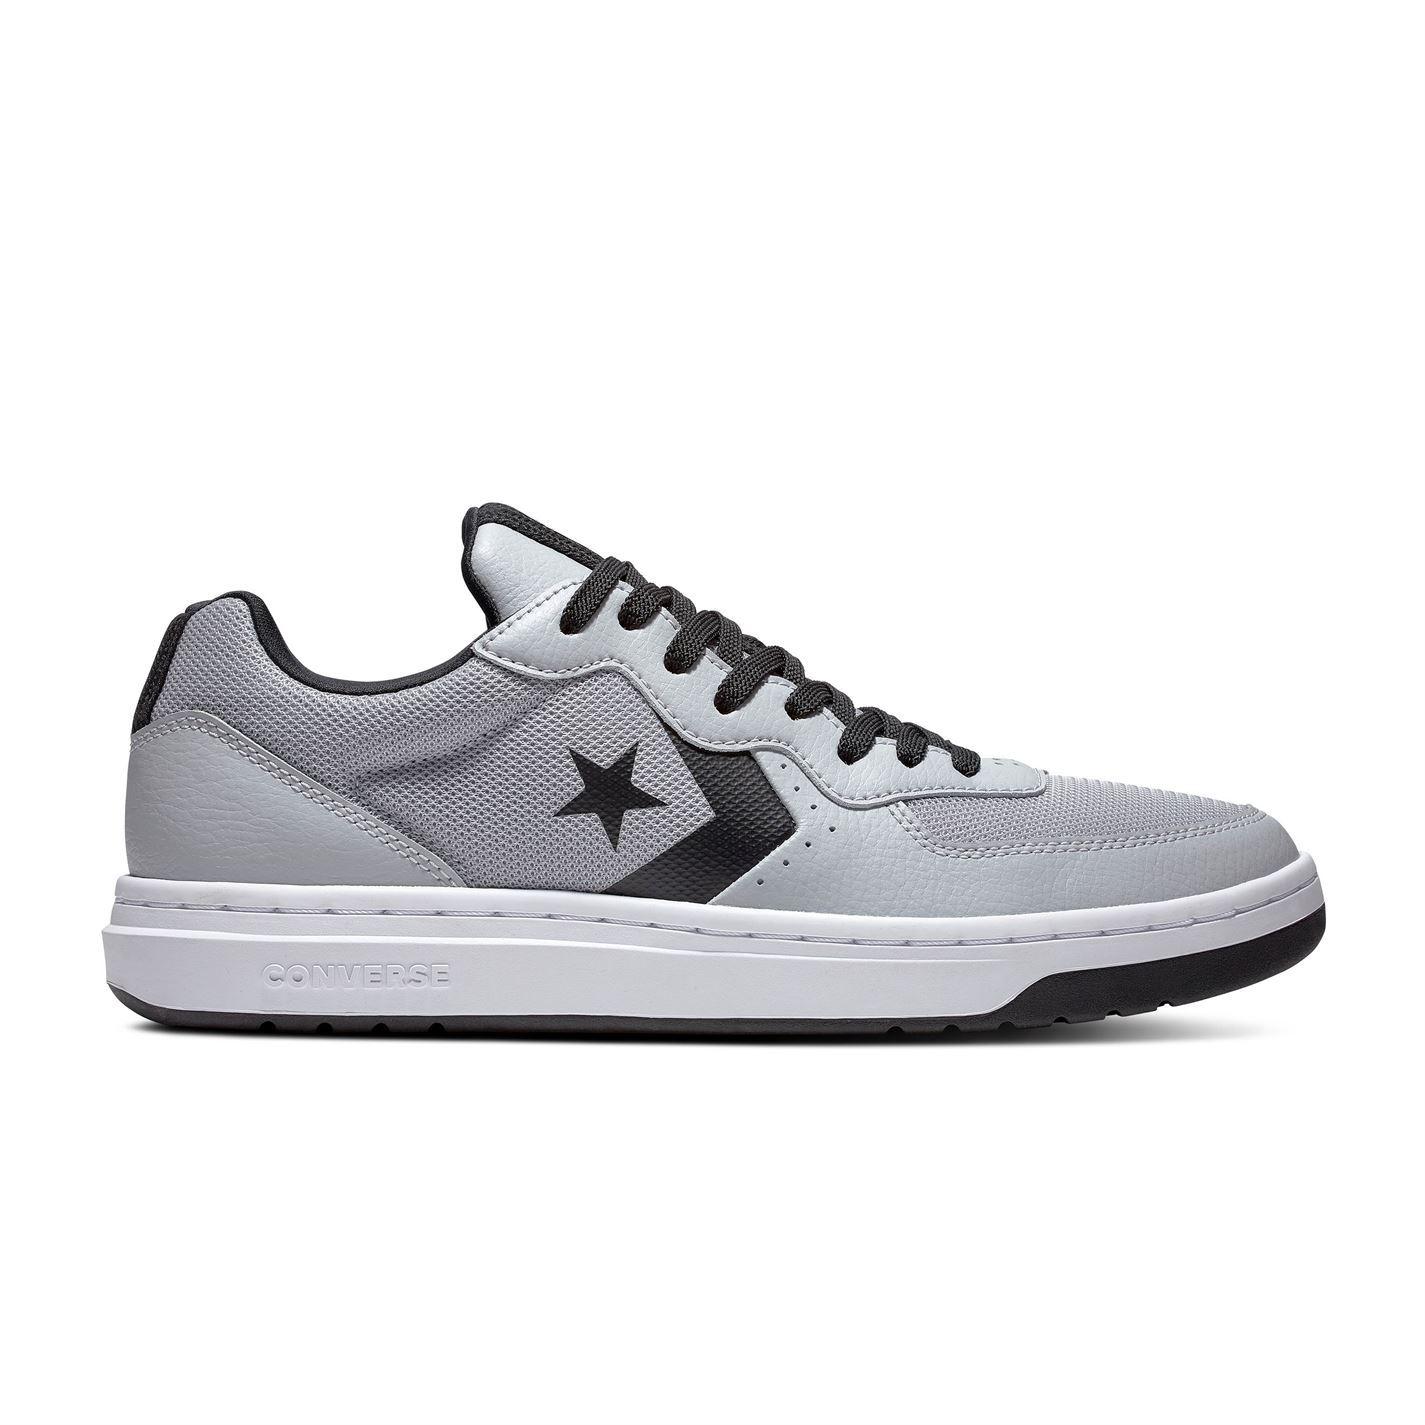 Converse-Rival-Baskets-Pour-Homme-Chaussures-De-Loisirs-Chaussures-Baskets miniature 24